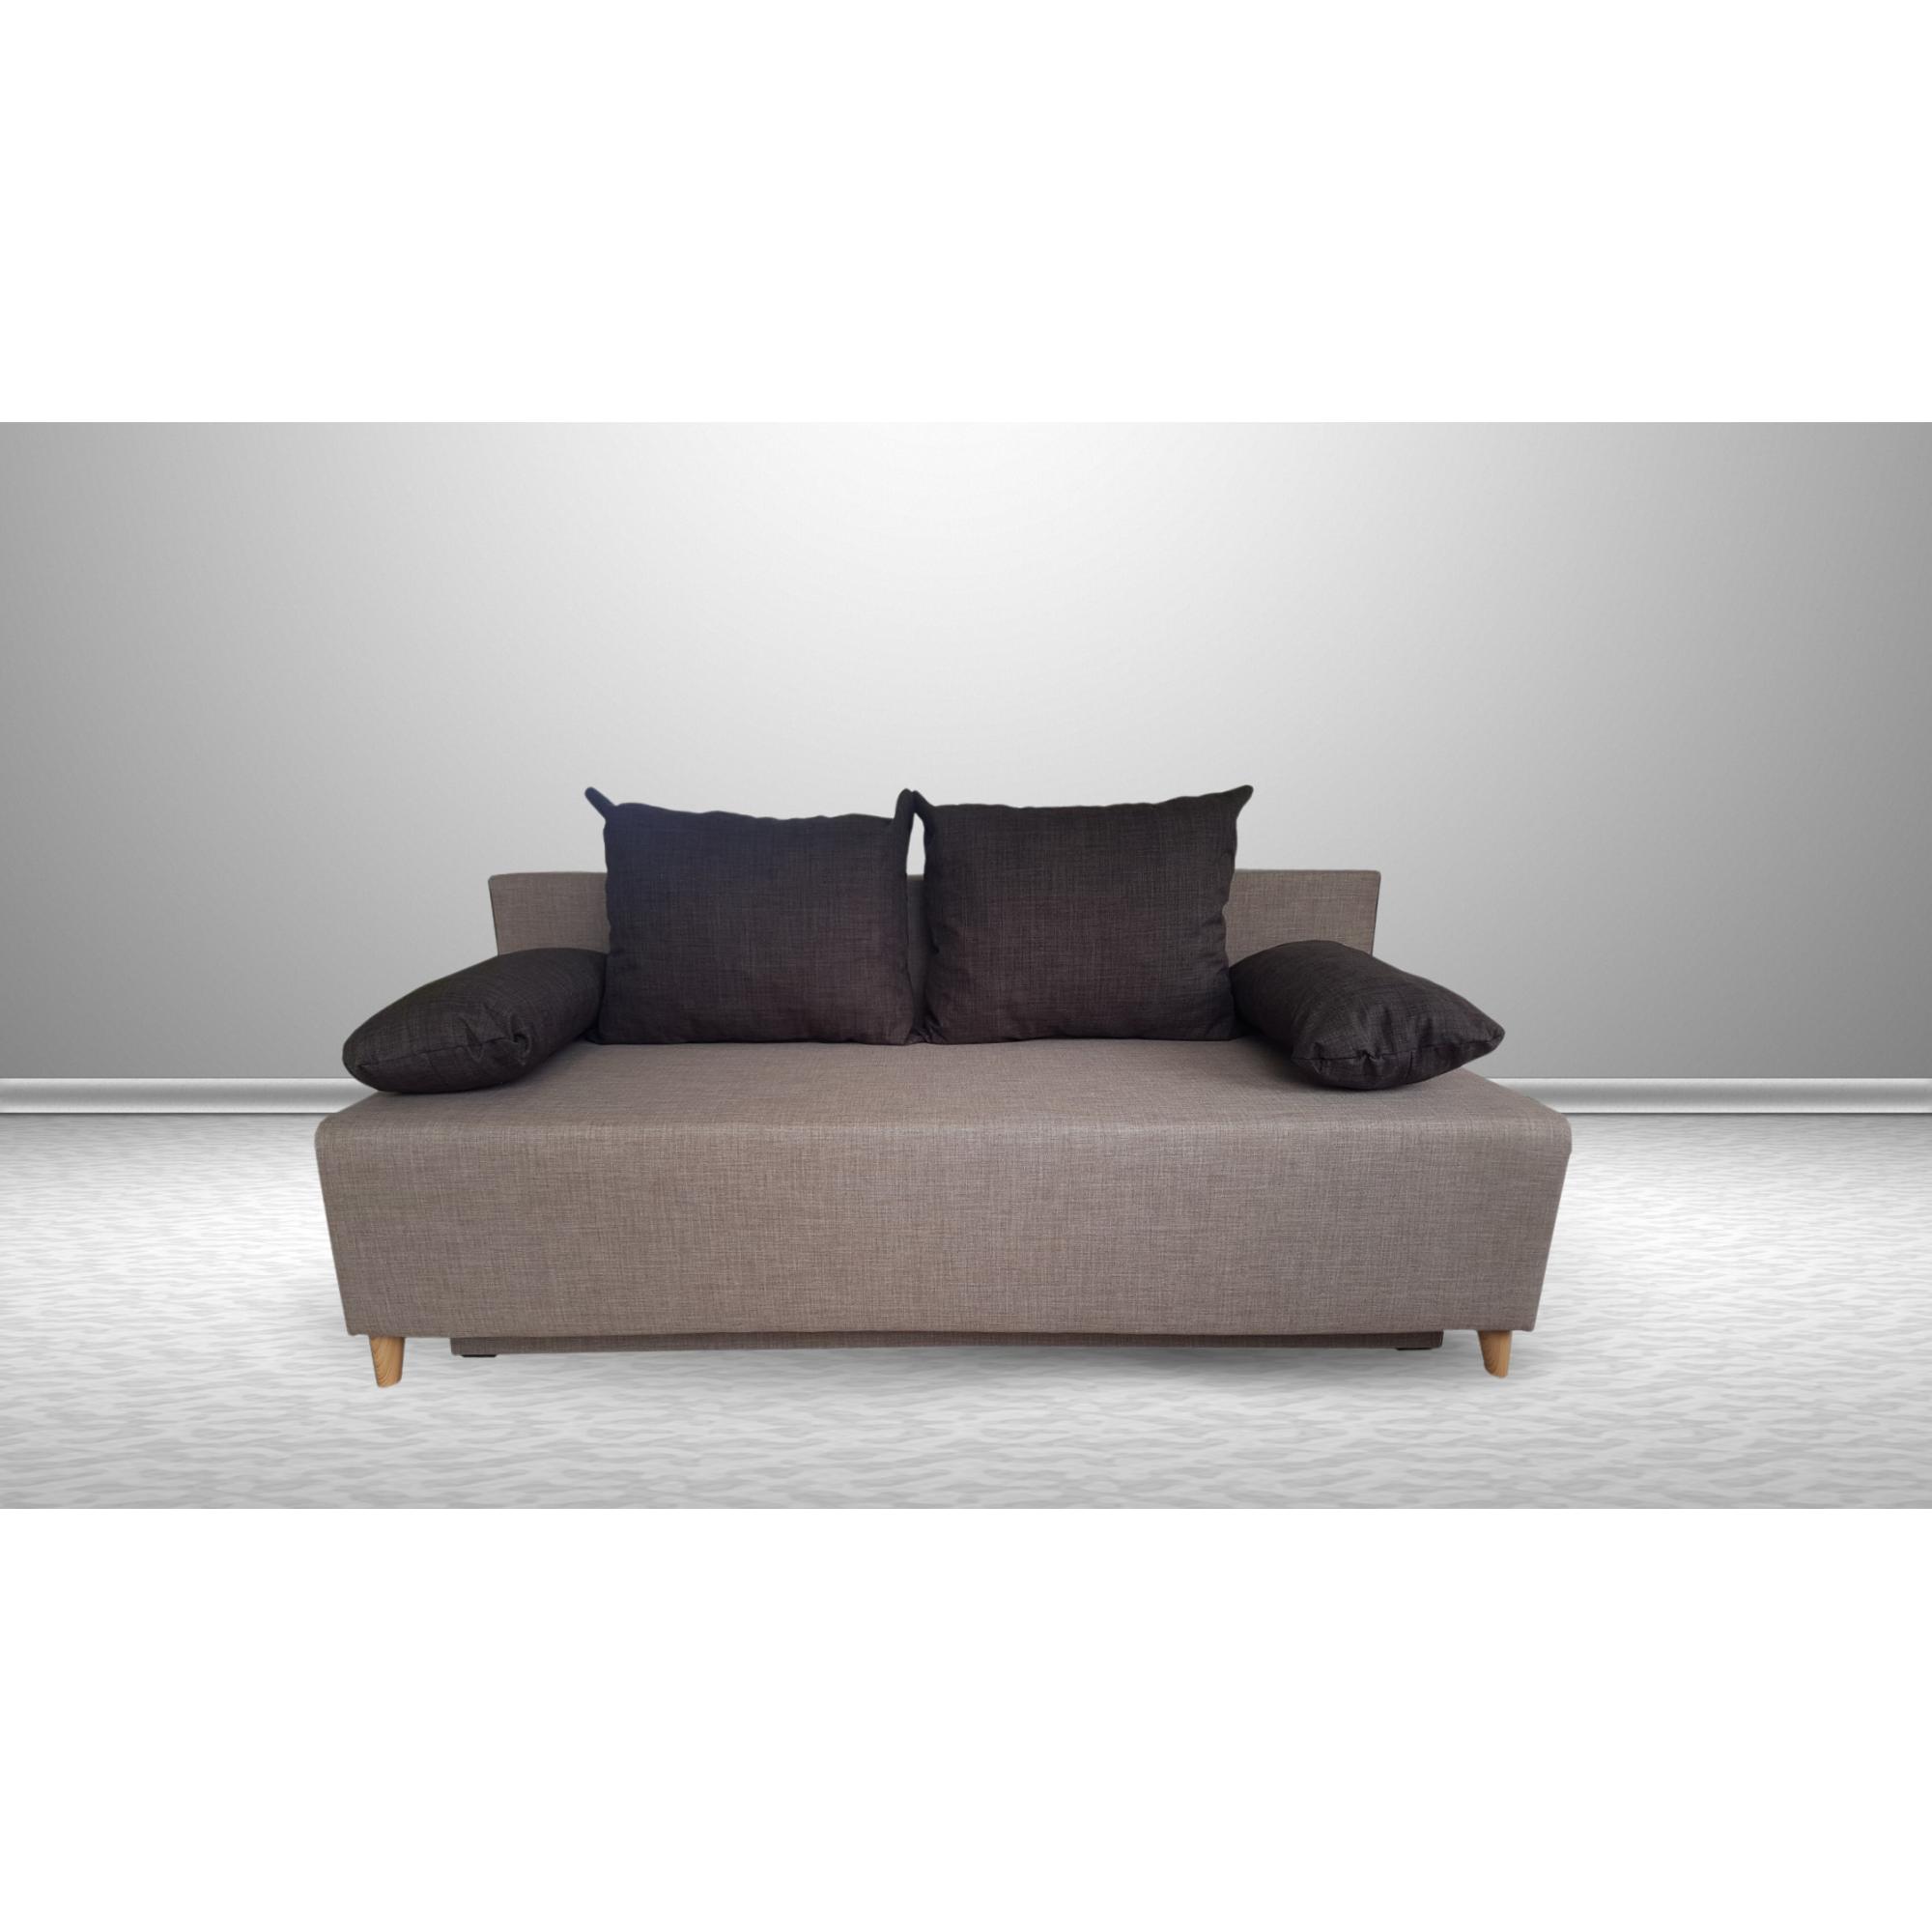 Разтегателен диван с ракла ANDOLI GALQ nova moca, С 2 броя големи и 2 броя подлакътни възглавници